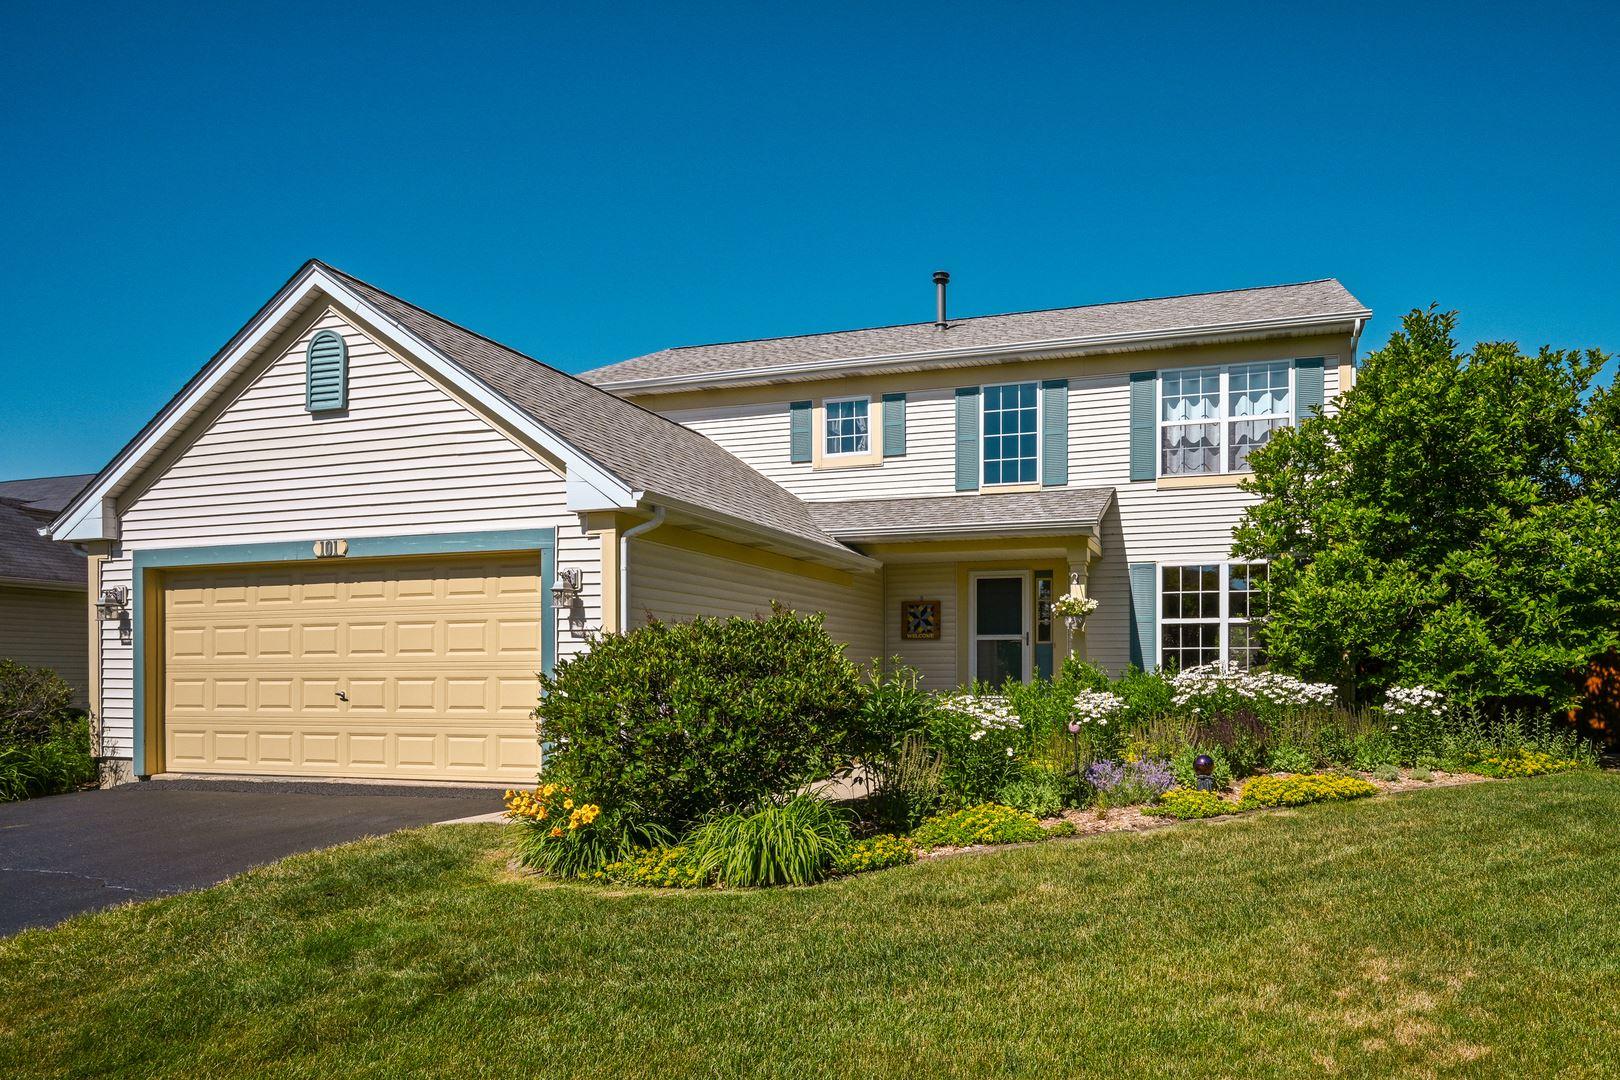 101 Sycamore Drive, Bolingbrook, IL 60490 - #: 10762535